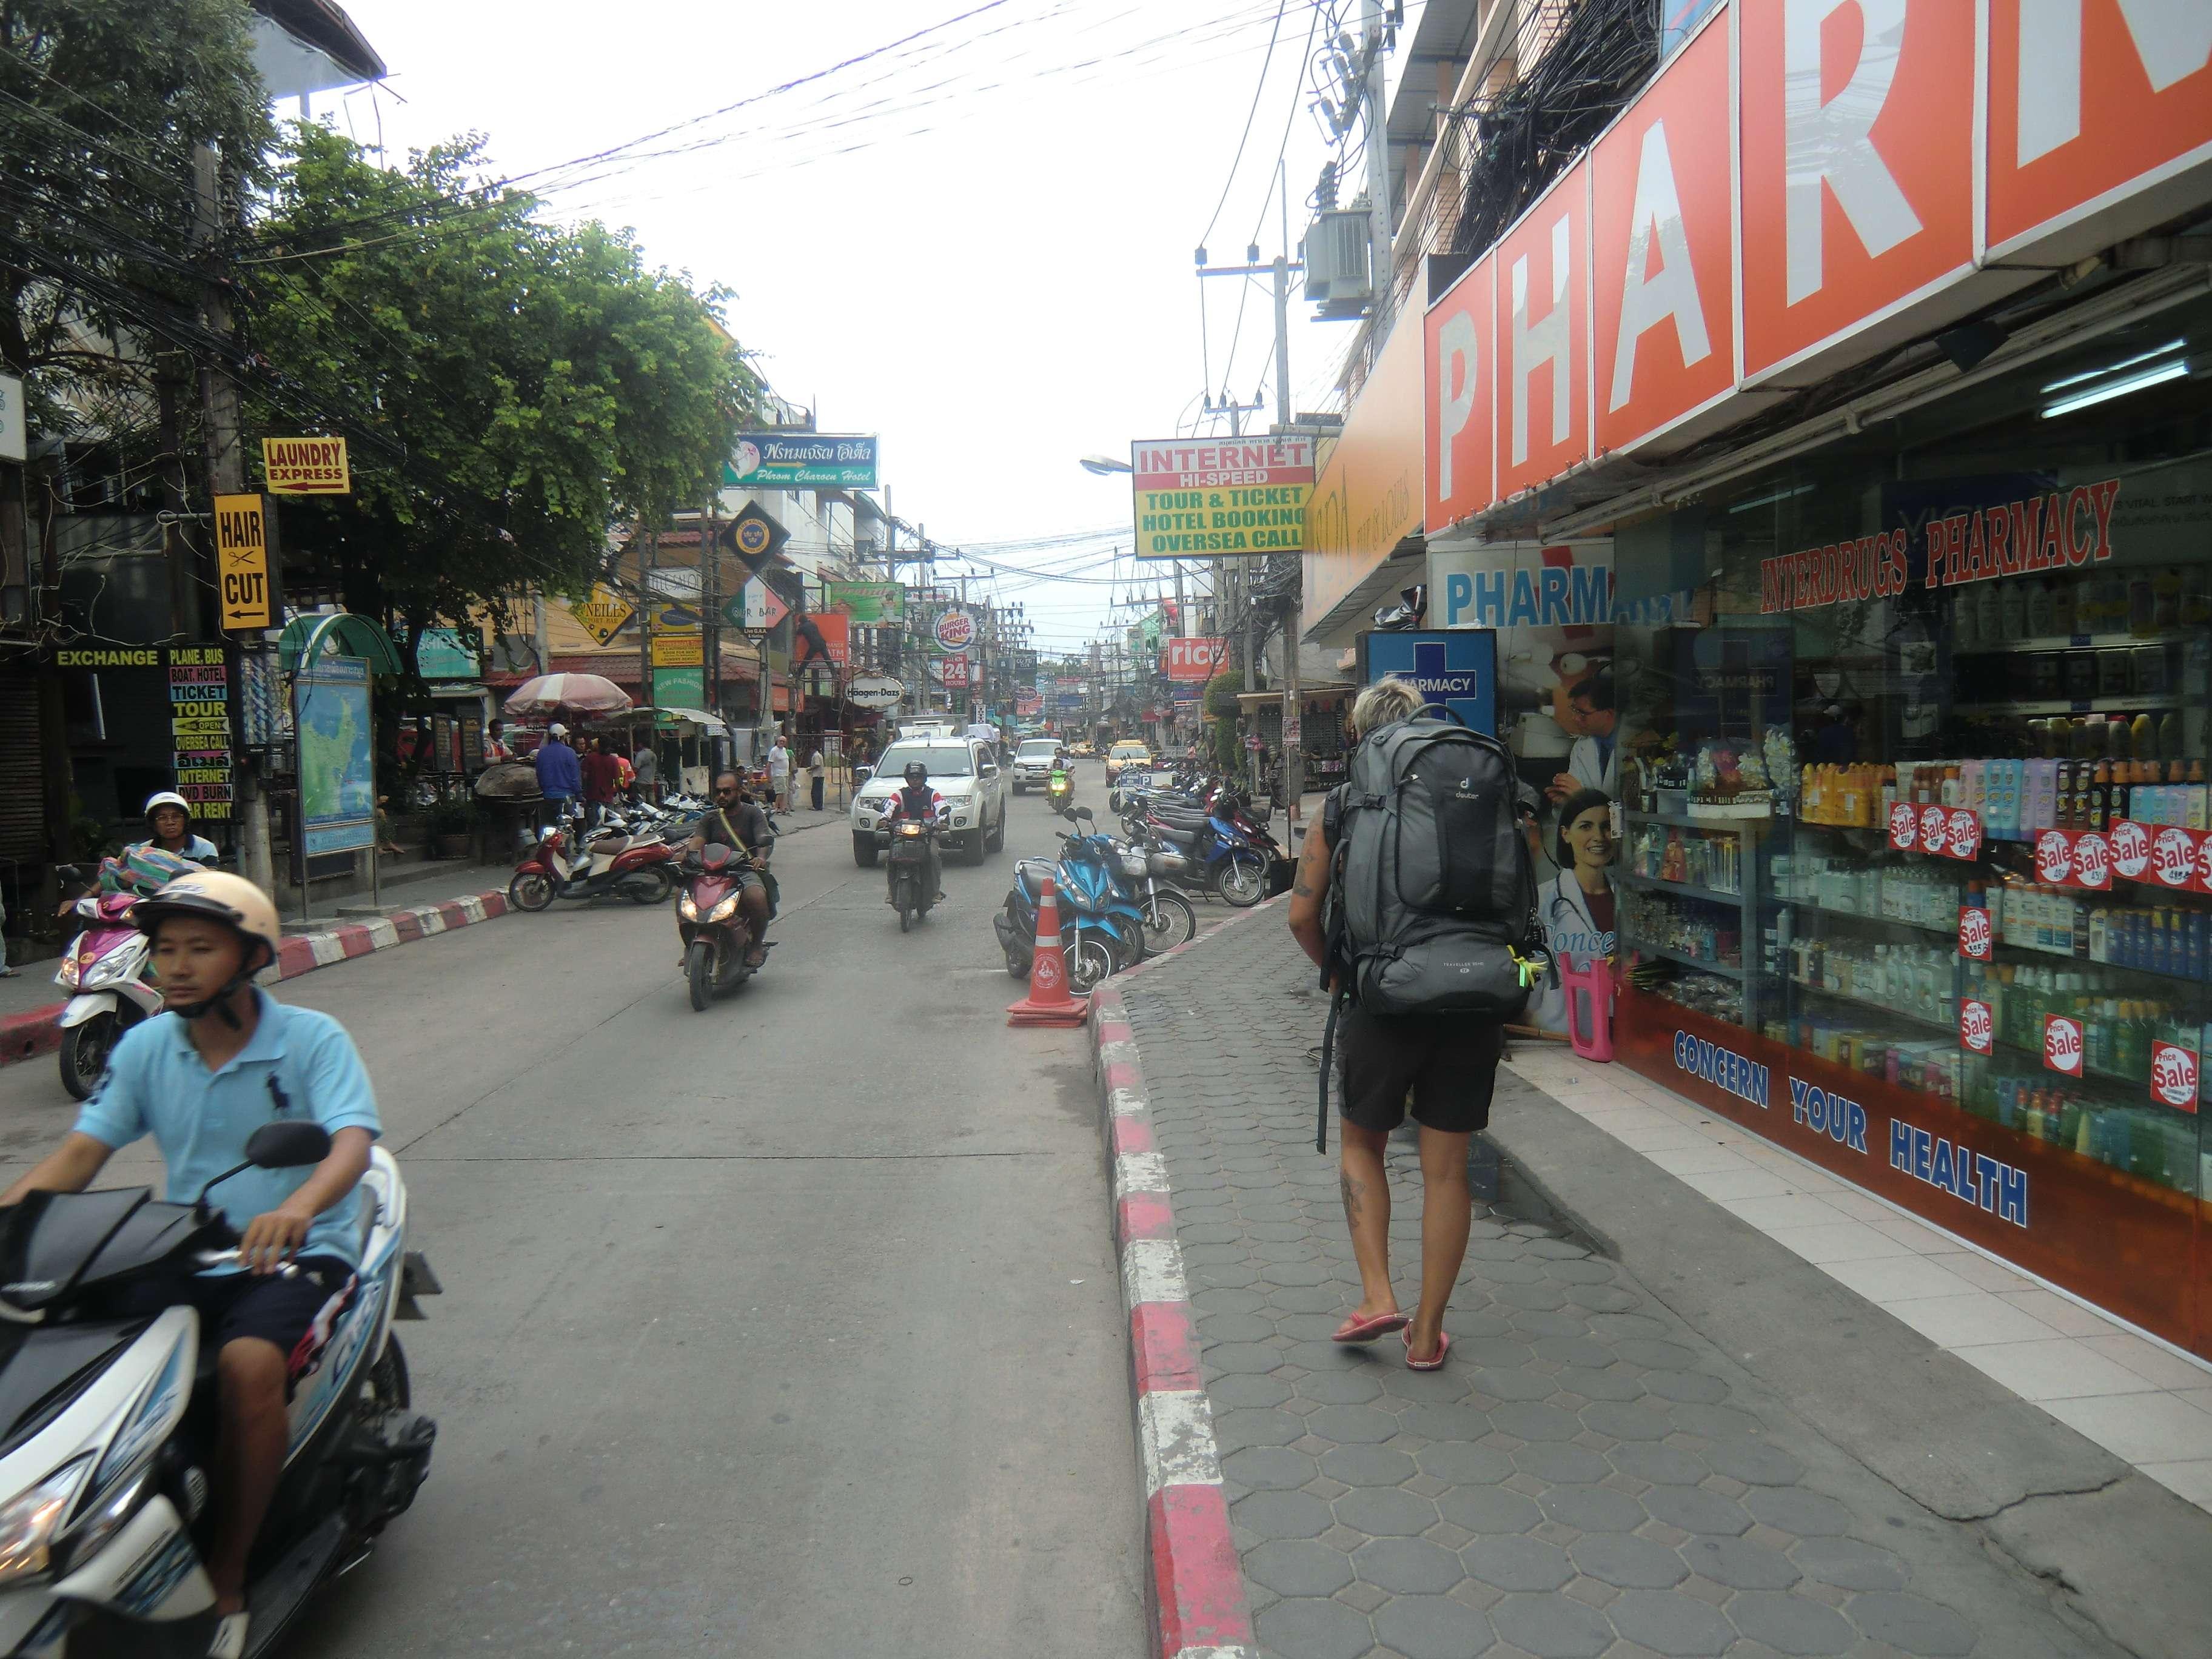 Fußmarsch mit Gepäck auf der Hauptstraße in Chaweng